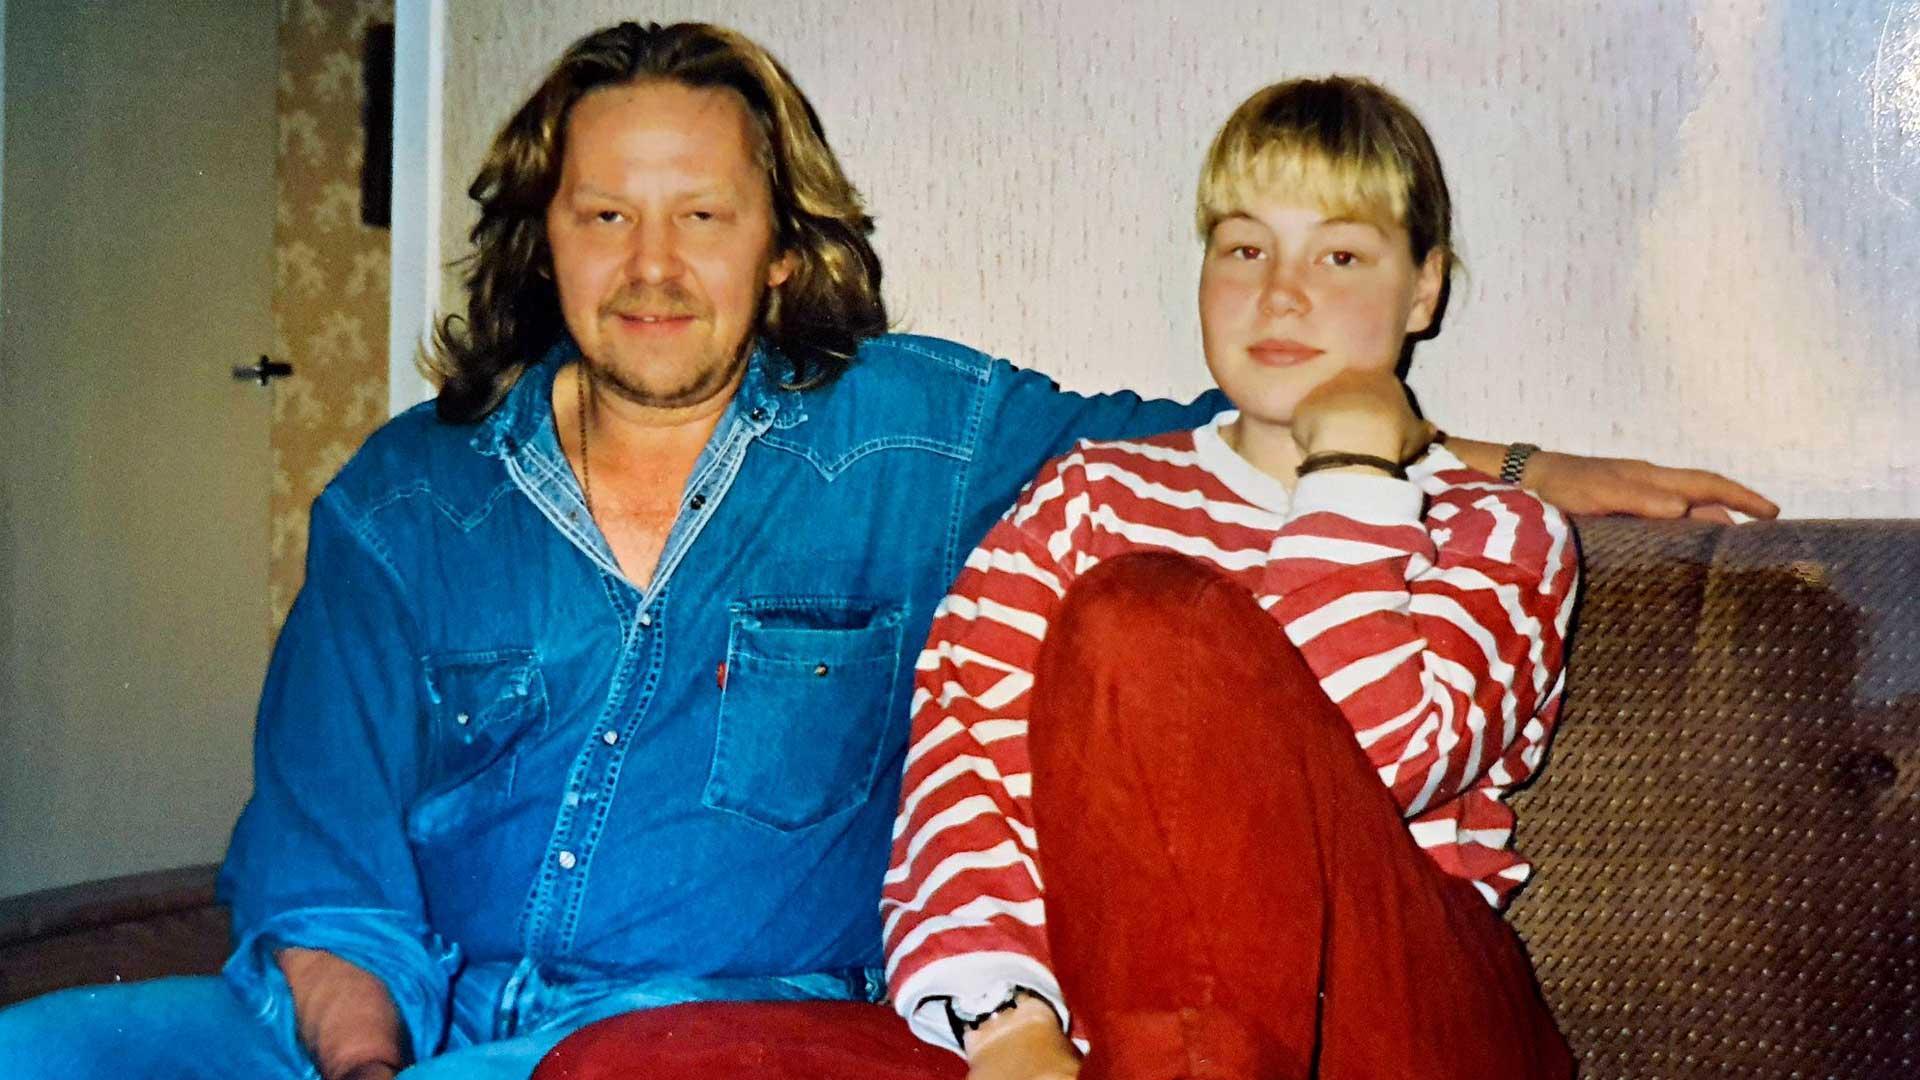 """""""Minulla on isästä paljon myös hyviä ja rakkaita muistoja. Hän on ihminen, joka on muovannut minua eniten sekä hyvässä että pahassa. Hän oli se, joka tunsi minut parhaiten ja kannusti vahvimmin."""""""